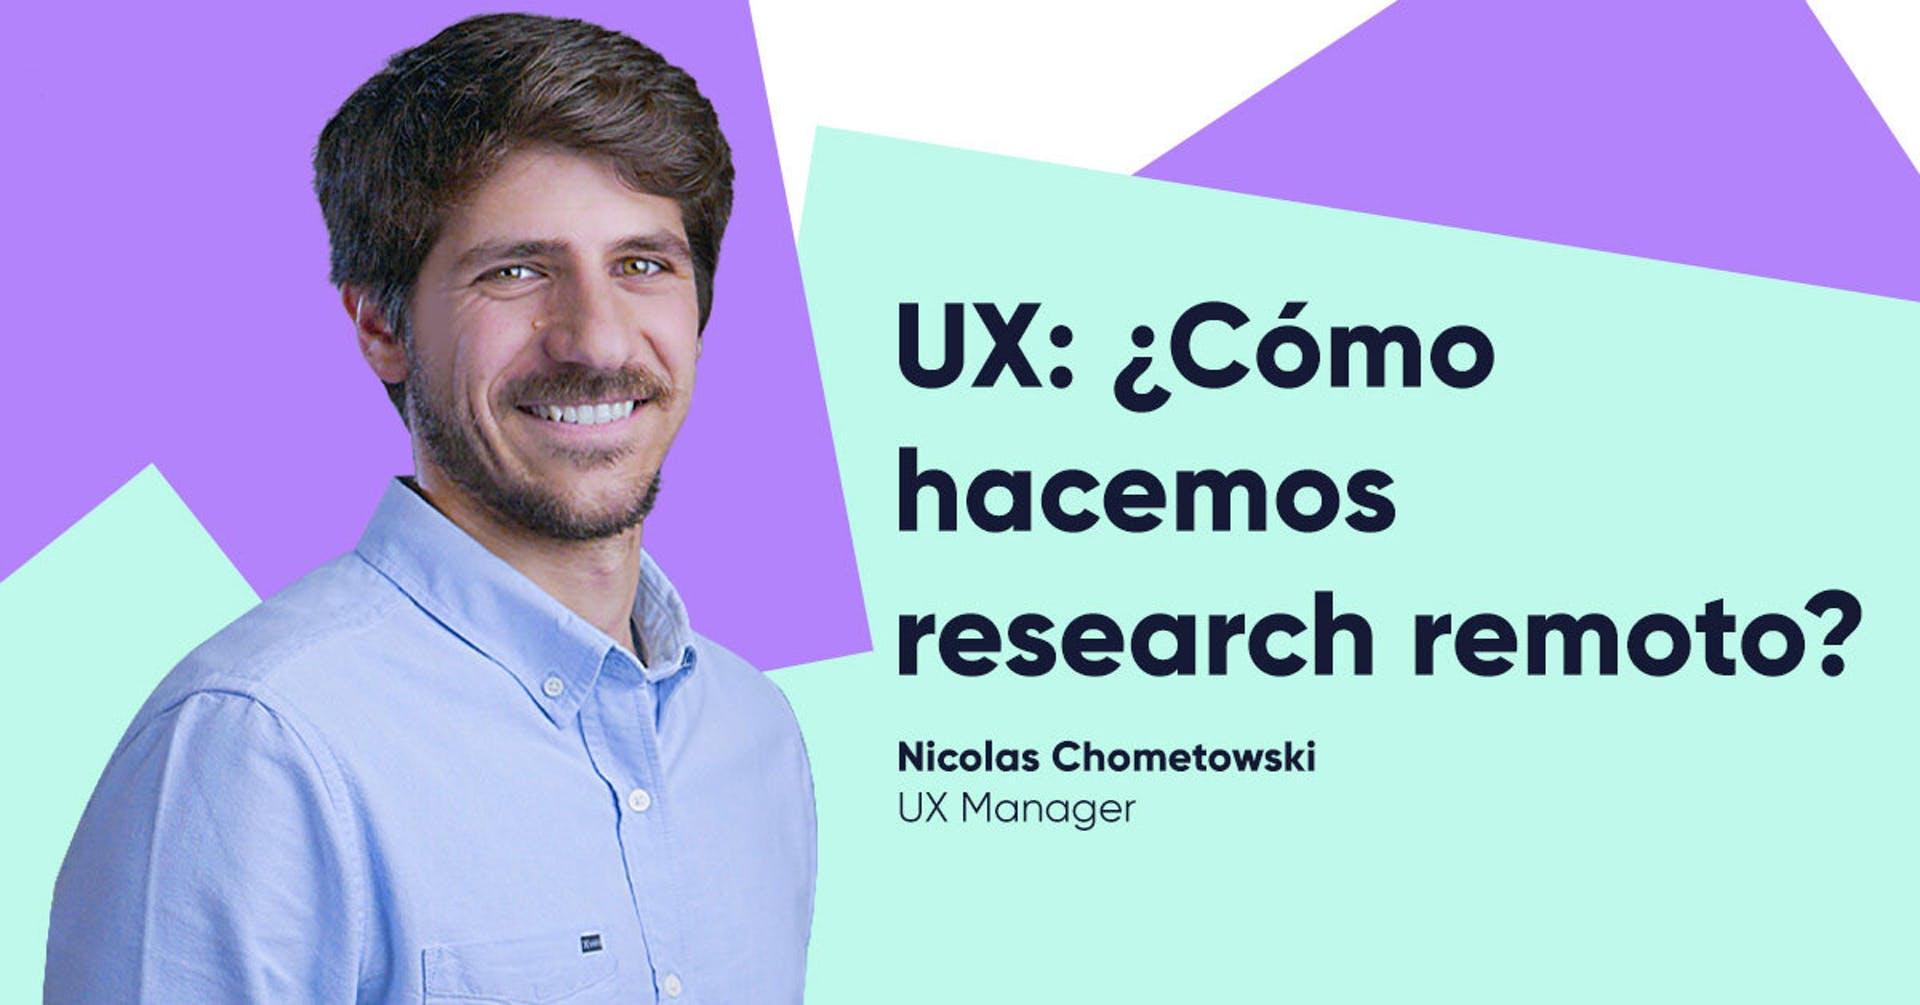 ¿Cómo hacemos UX research remoto?